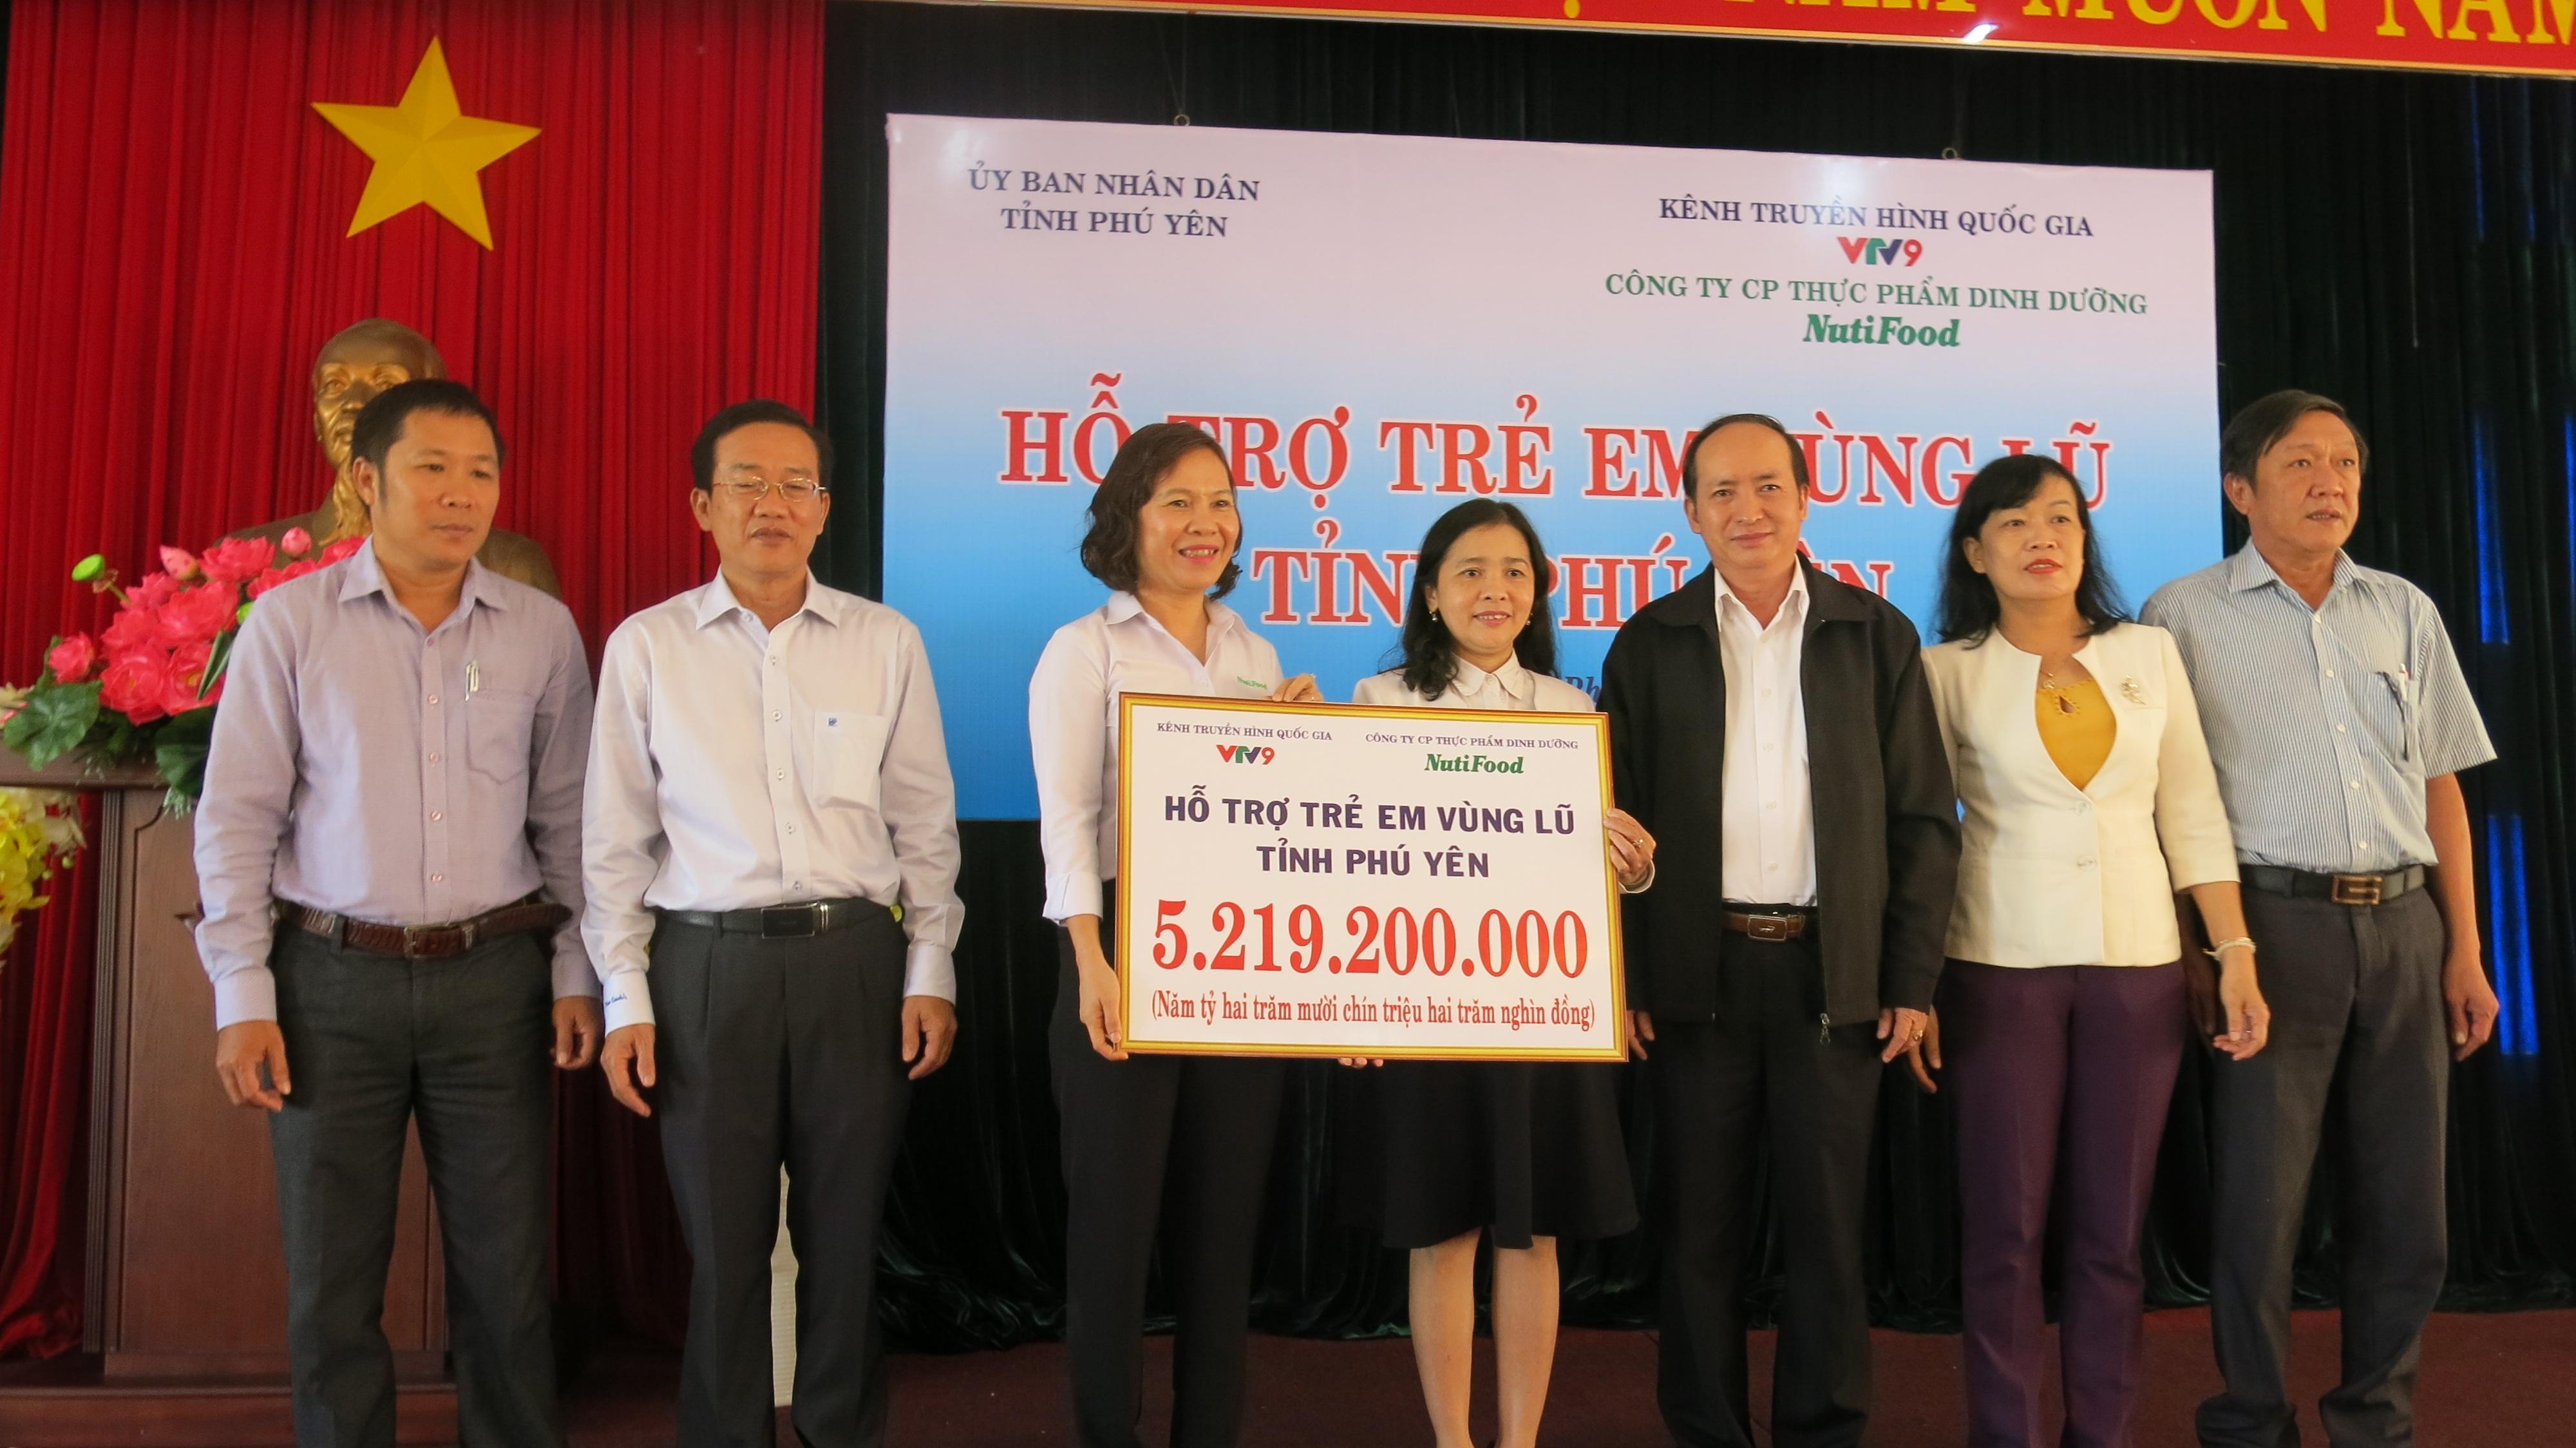 NutiFood hỗ trợ 5,2 tỷ đồng cho tỉnh Phú Yên - 1